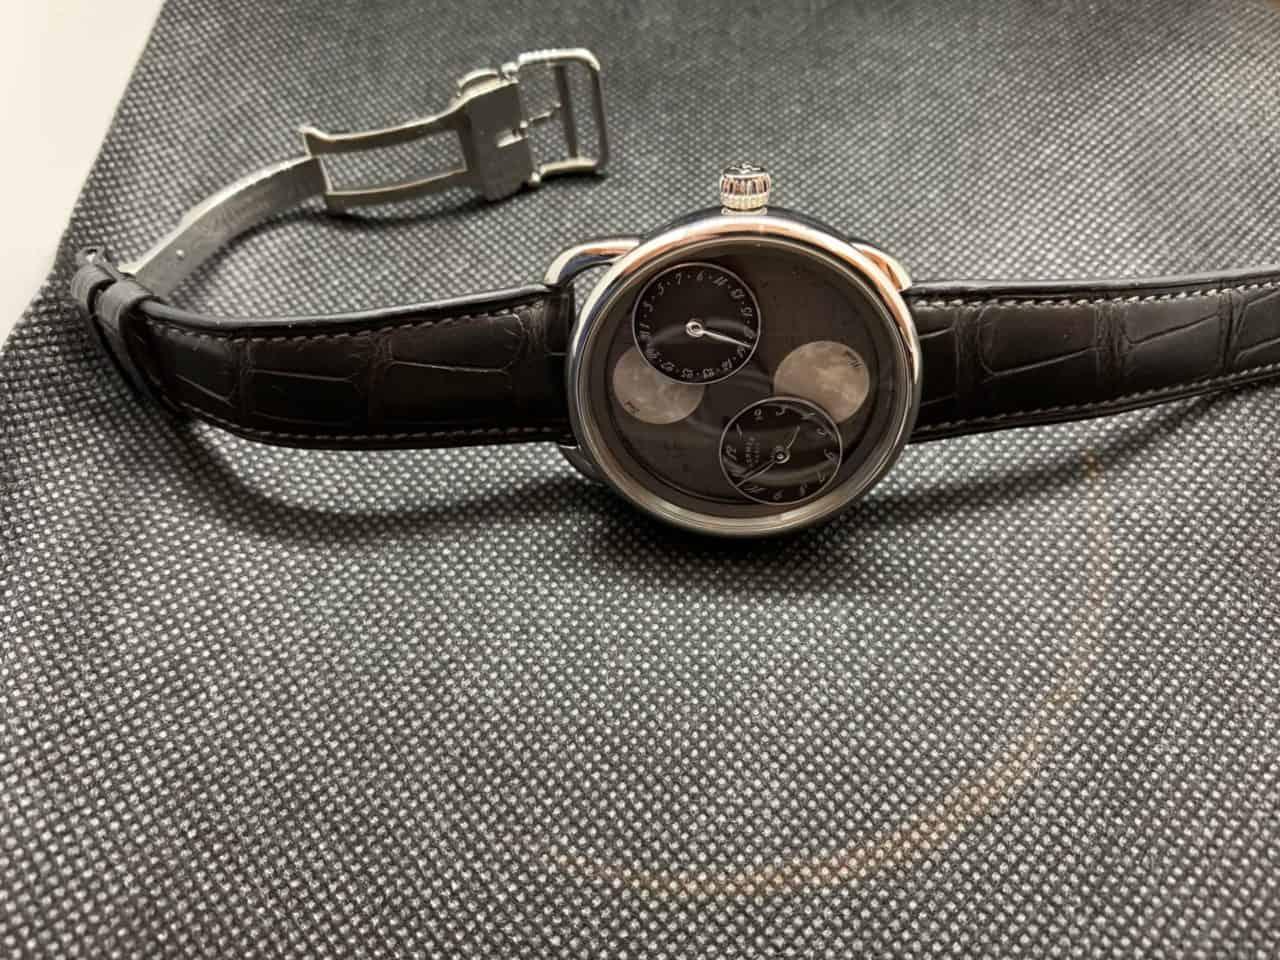 Die Hermès Arceau L'heure de la lune zeigt die Mondphasen einmal ganz anders